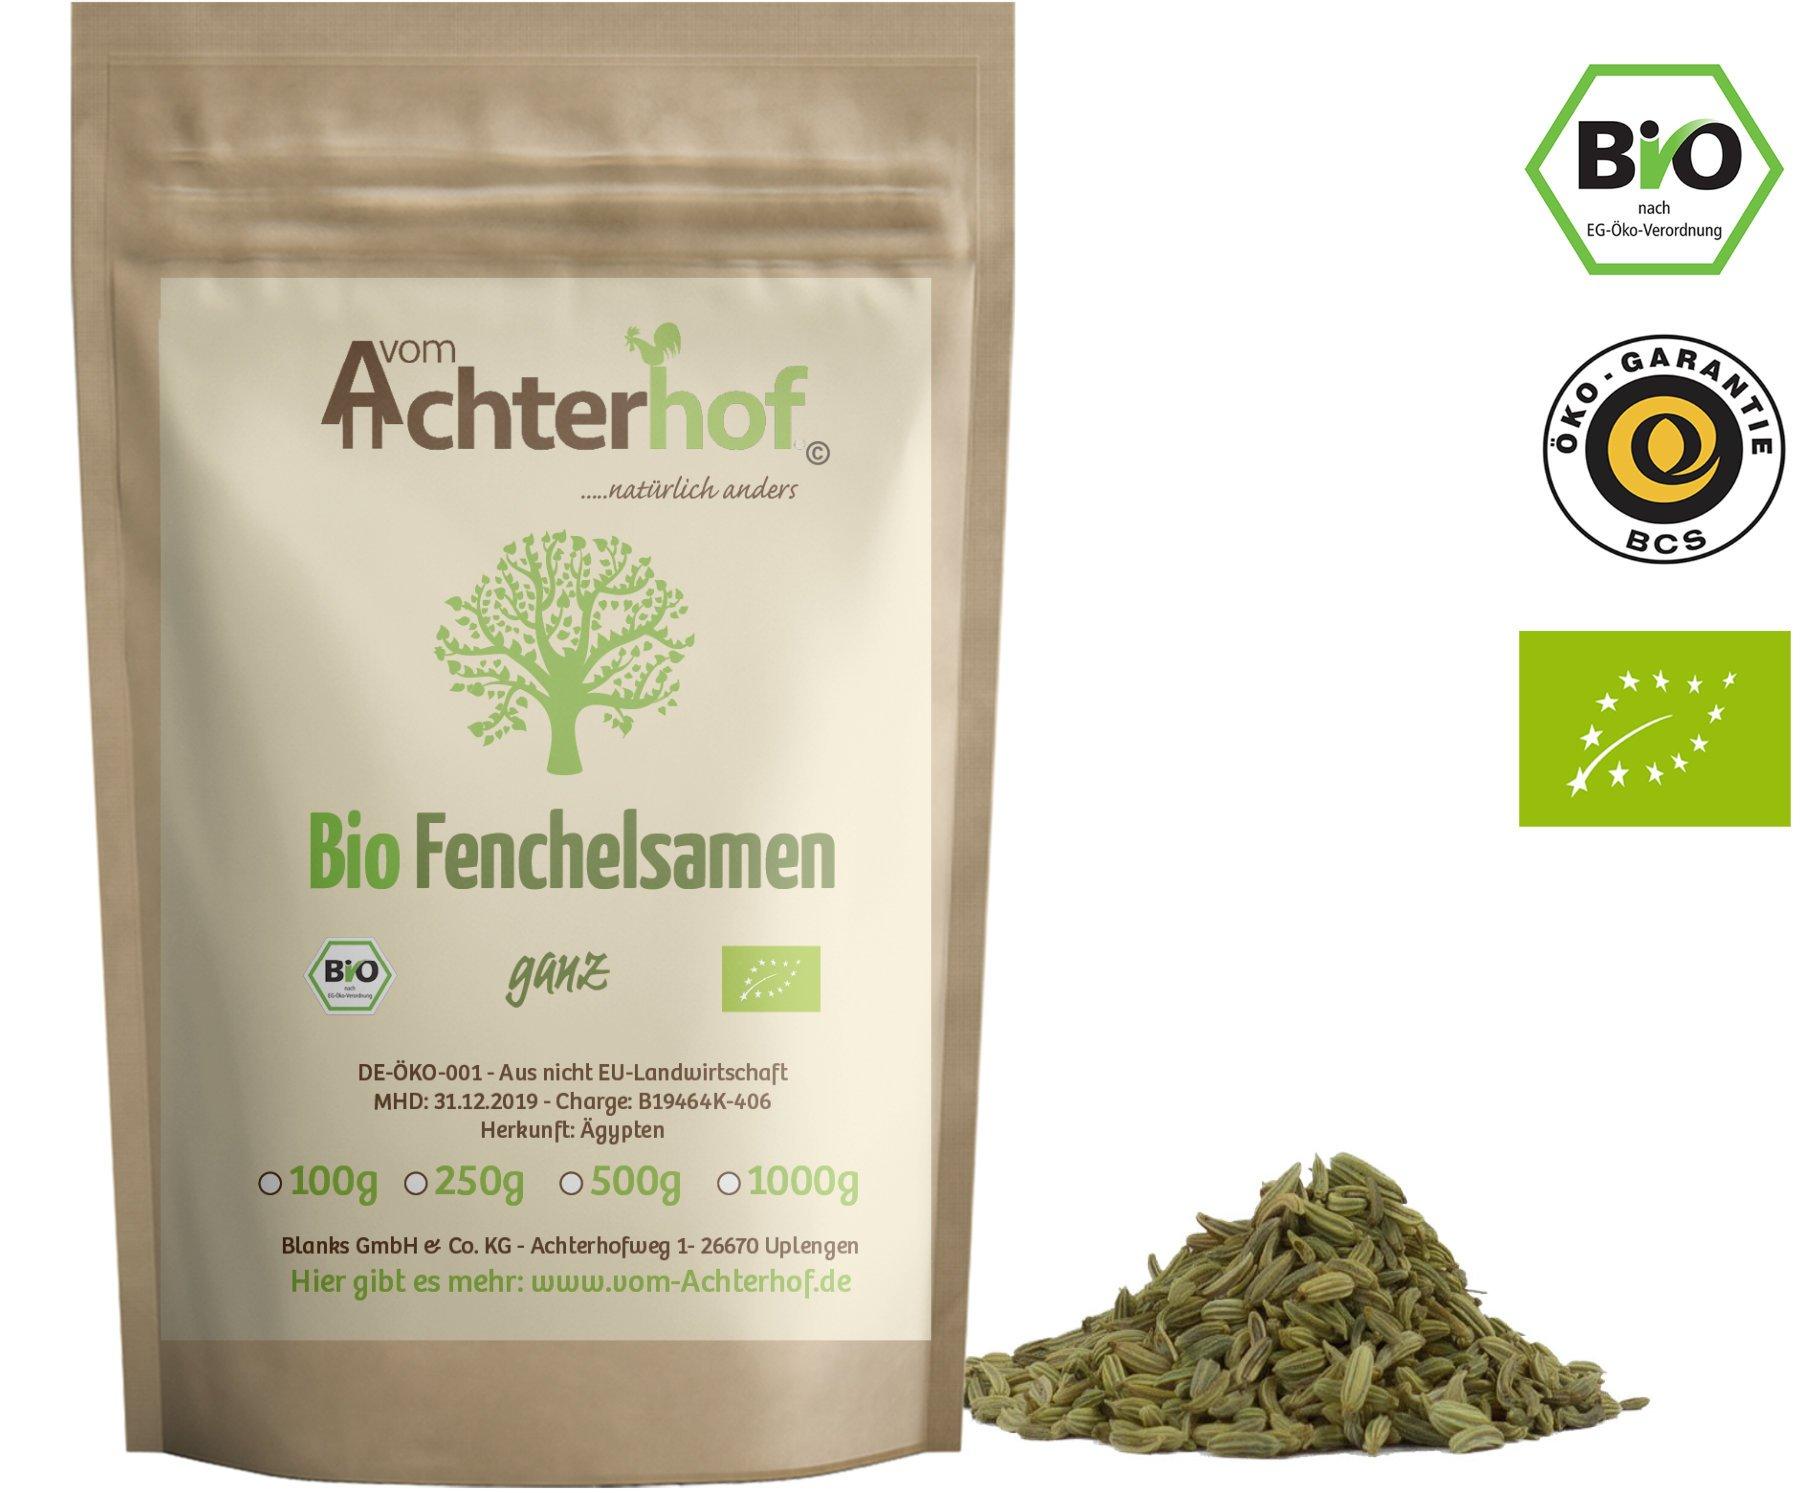 Fenchelsamen-BIO-s-ganz-500g-Fenchel-Samen-Fencheltee-als-Gewrz-oder-Fenchel-Anis-Kmmel-Tee